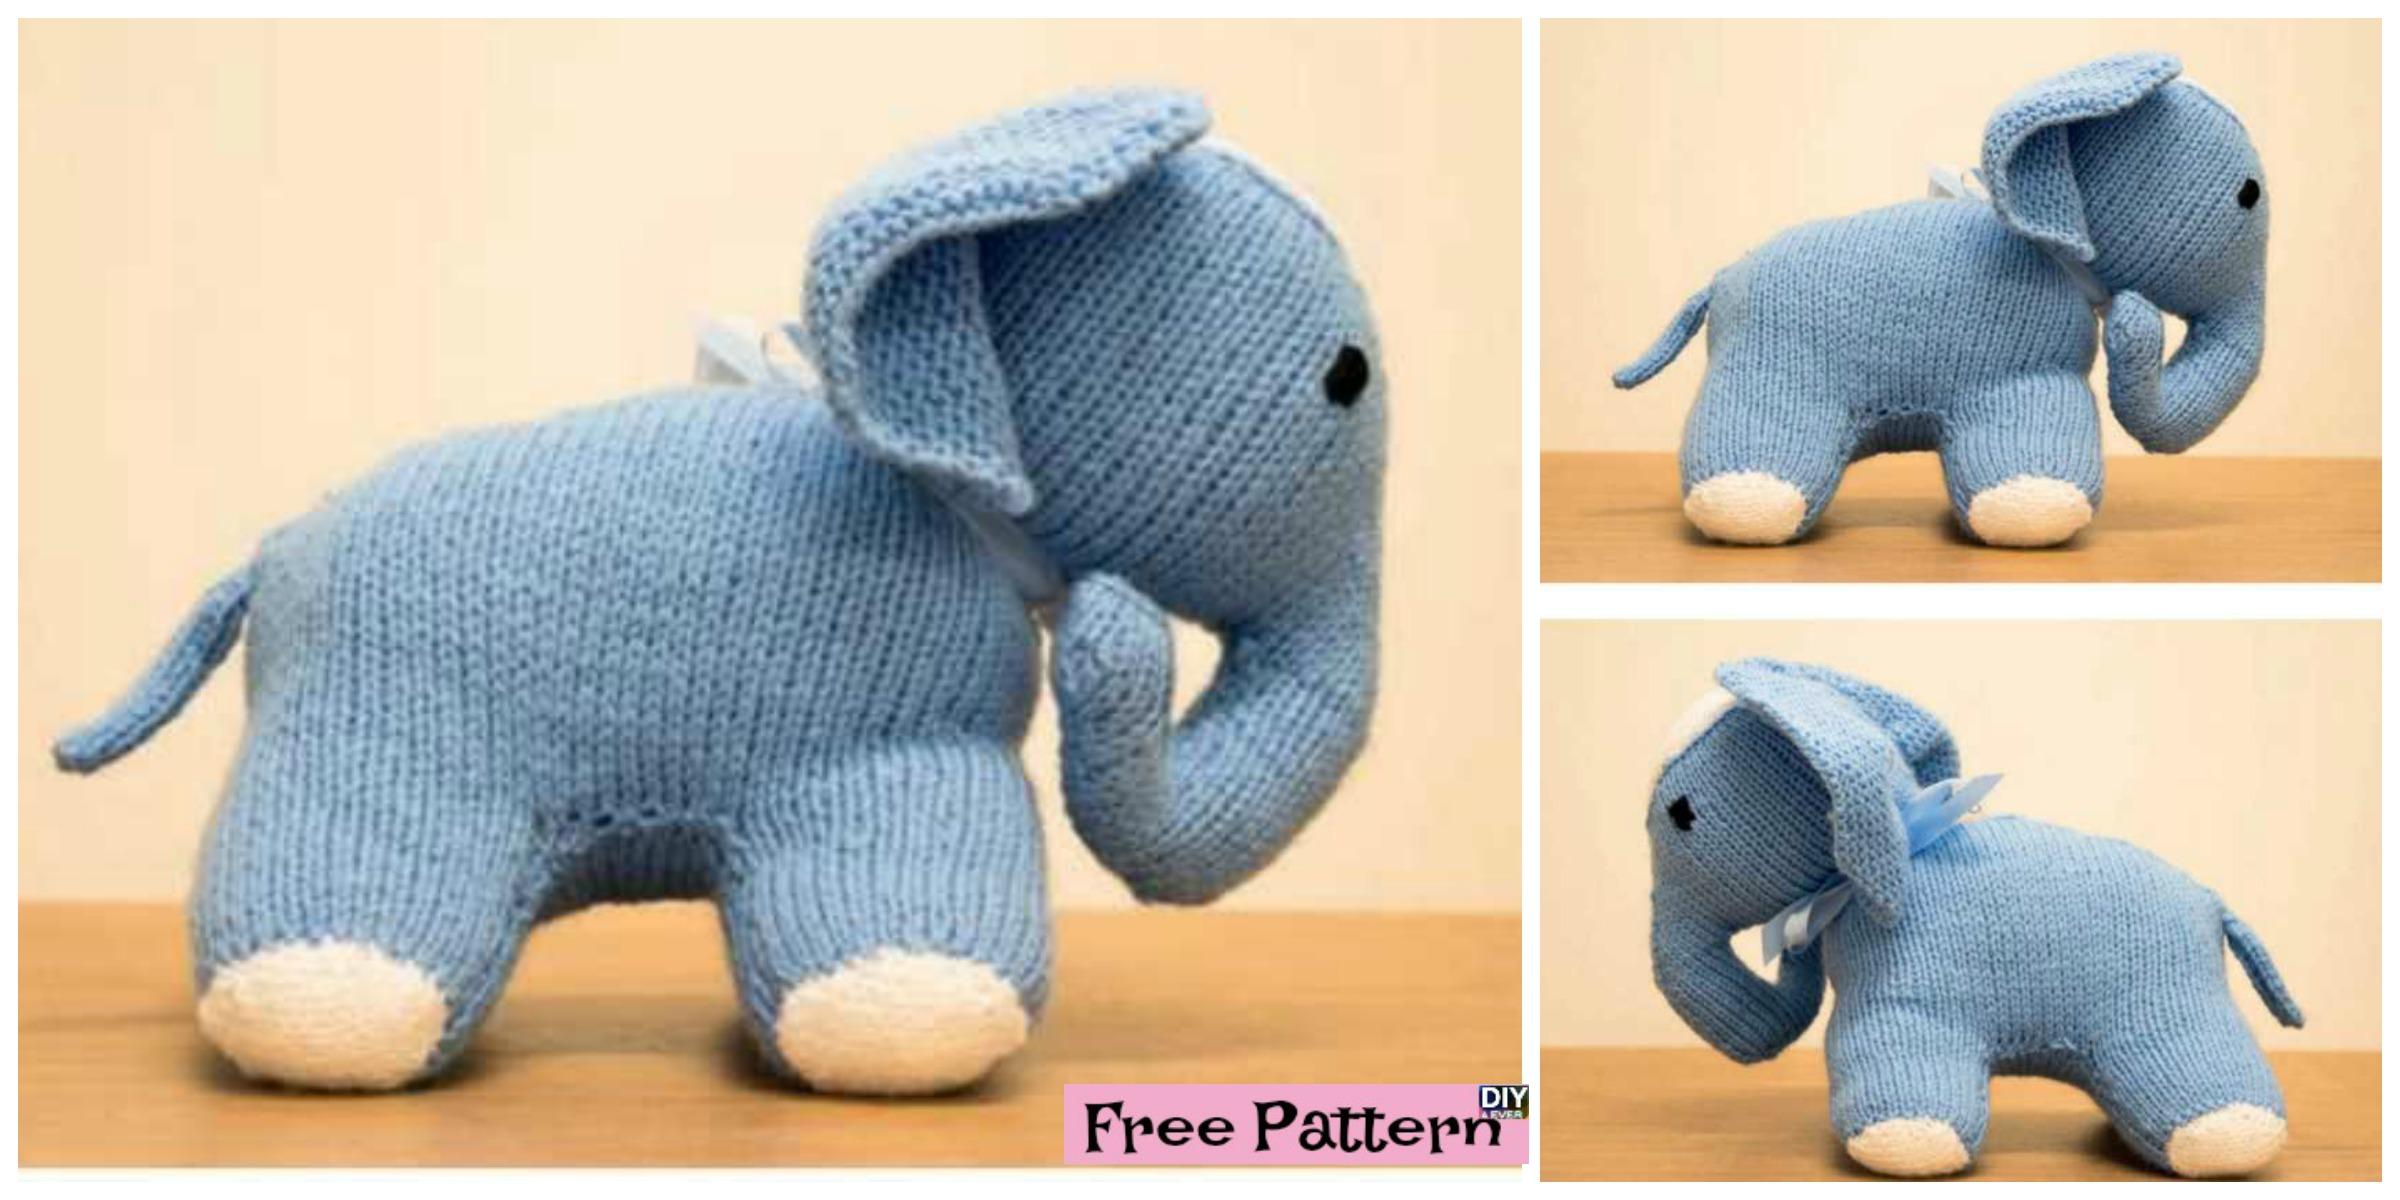 Cute Knit Elephant Amigurumi -Free Pattern - DIY 4 EVER